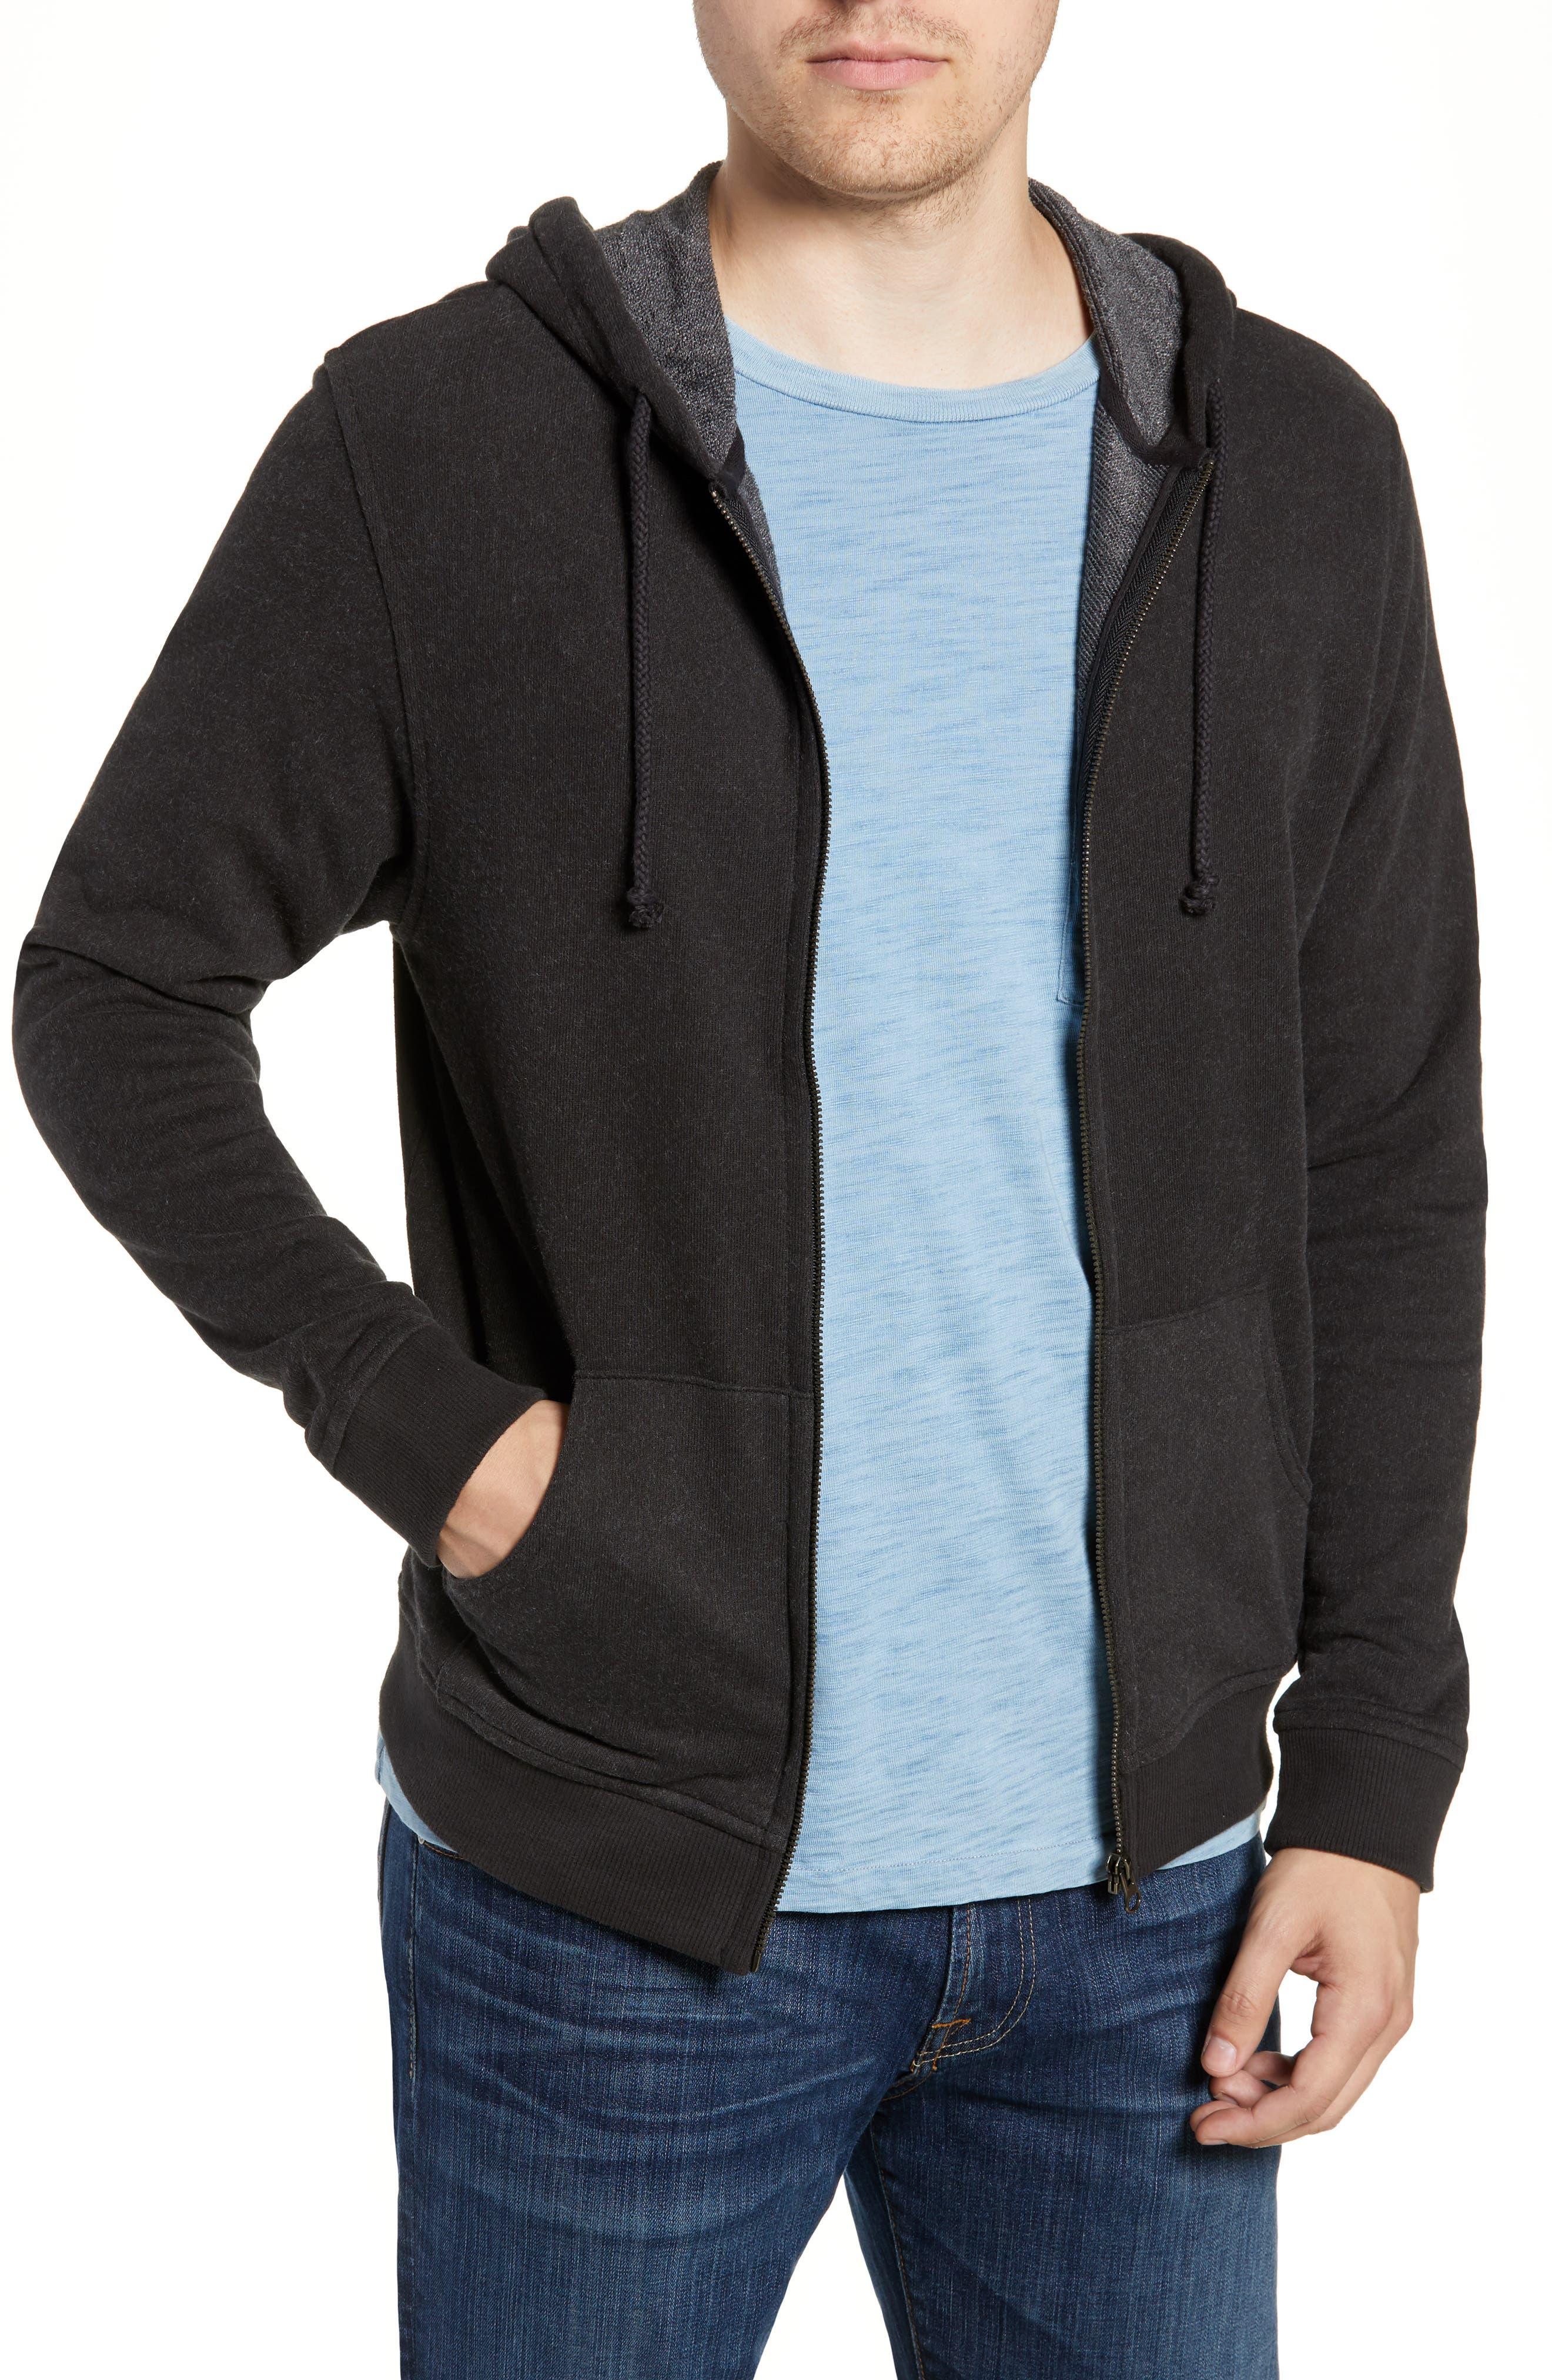 Paz Full Zip Hoodie,                         Main,                         color, BLACK